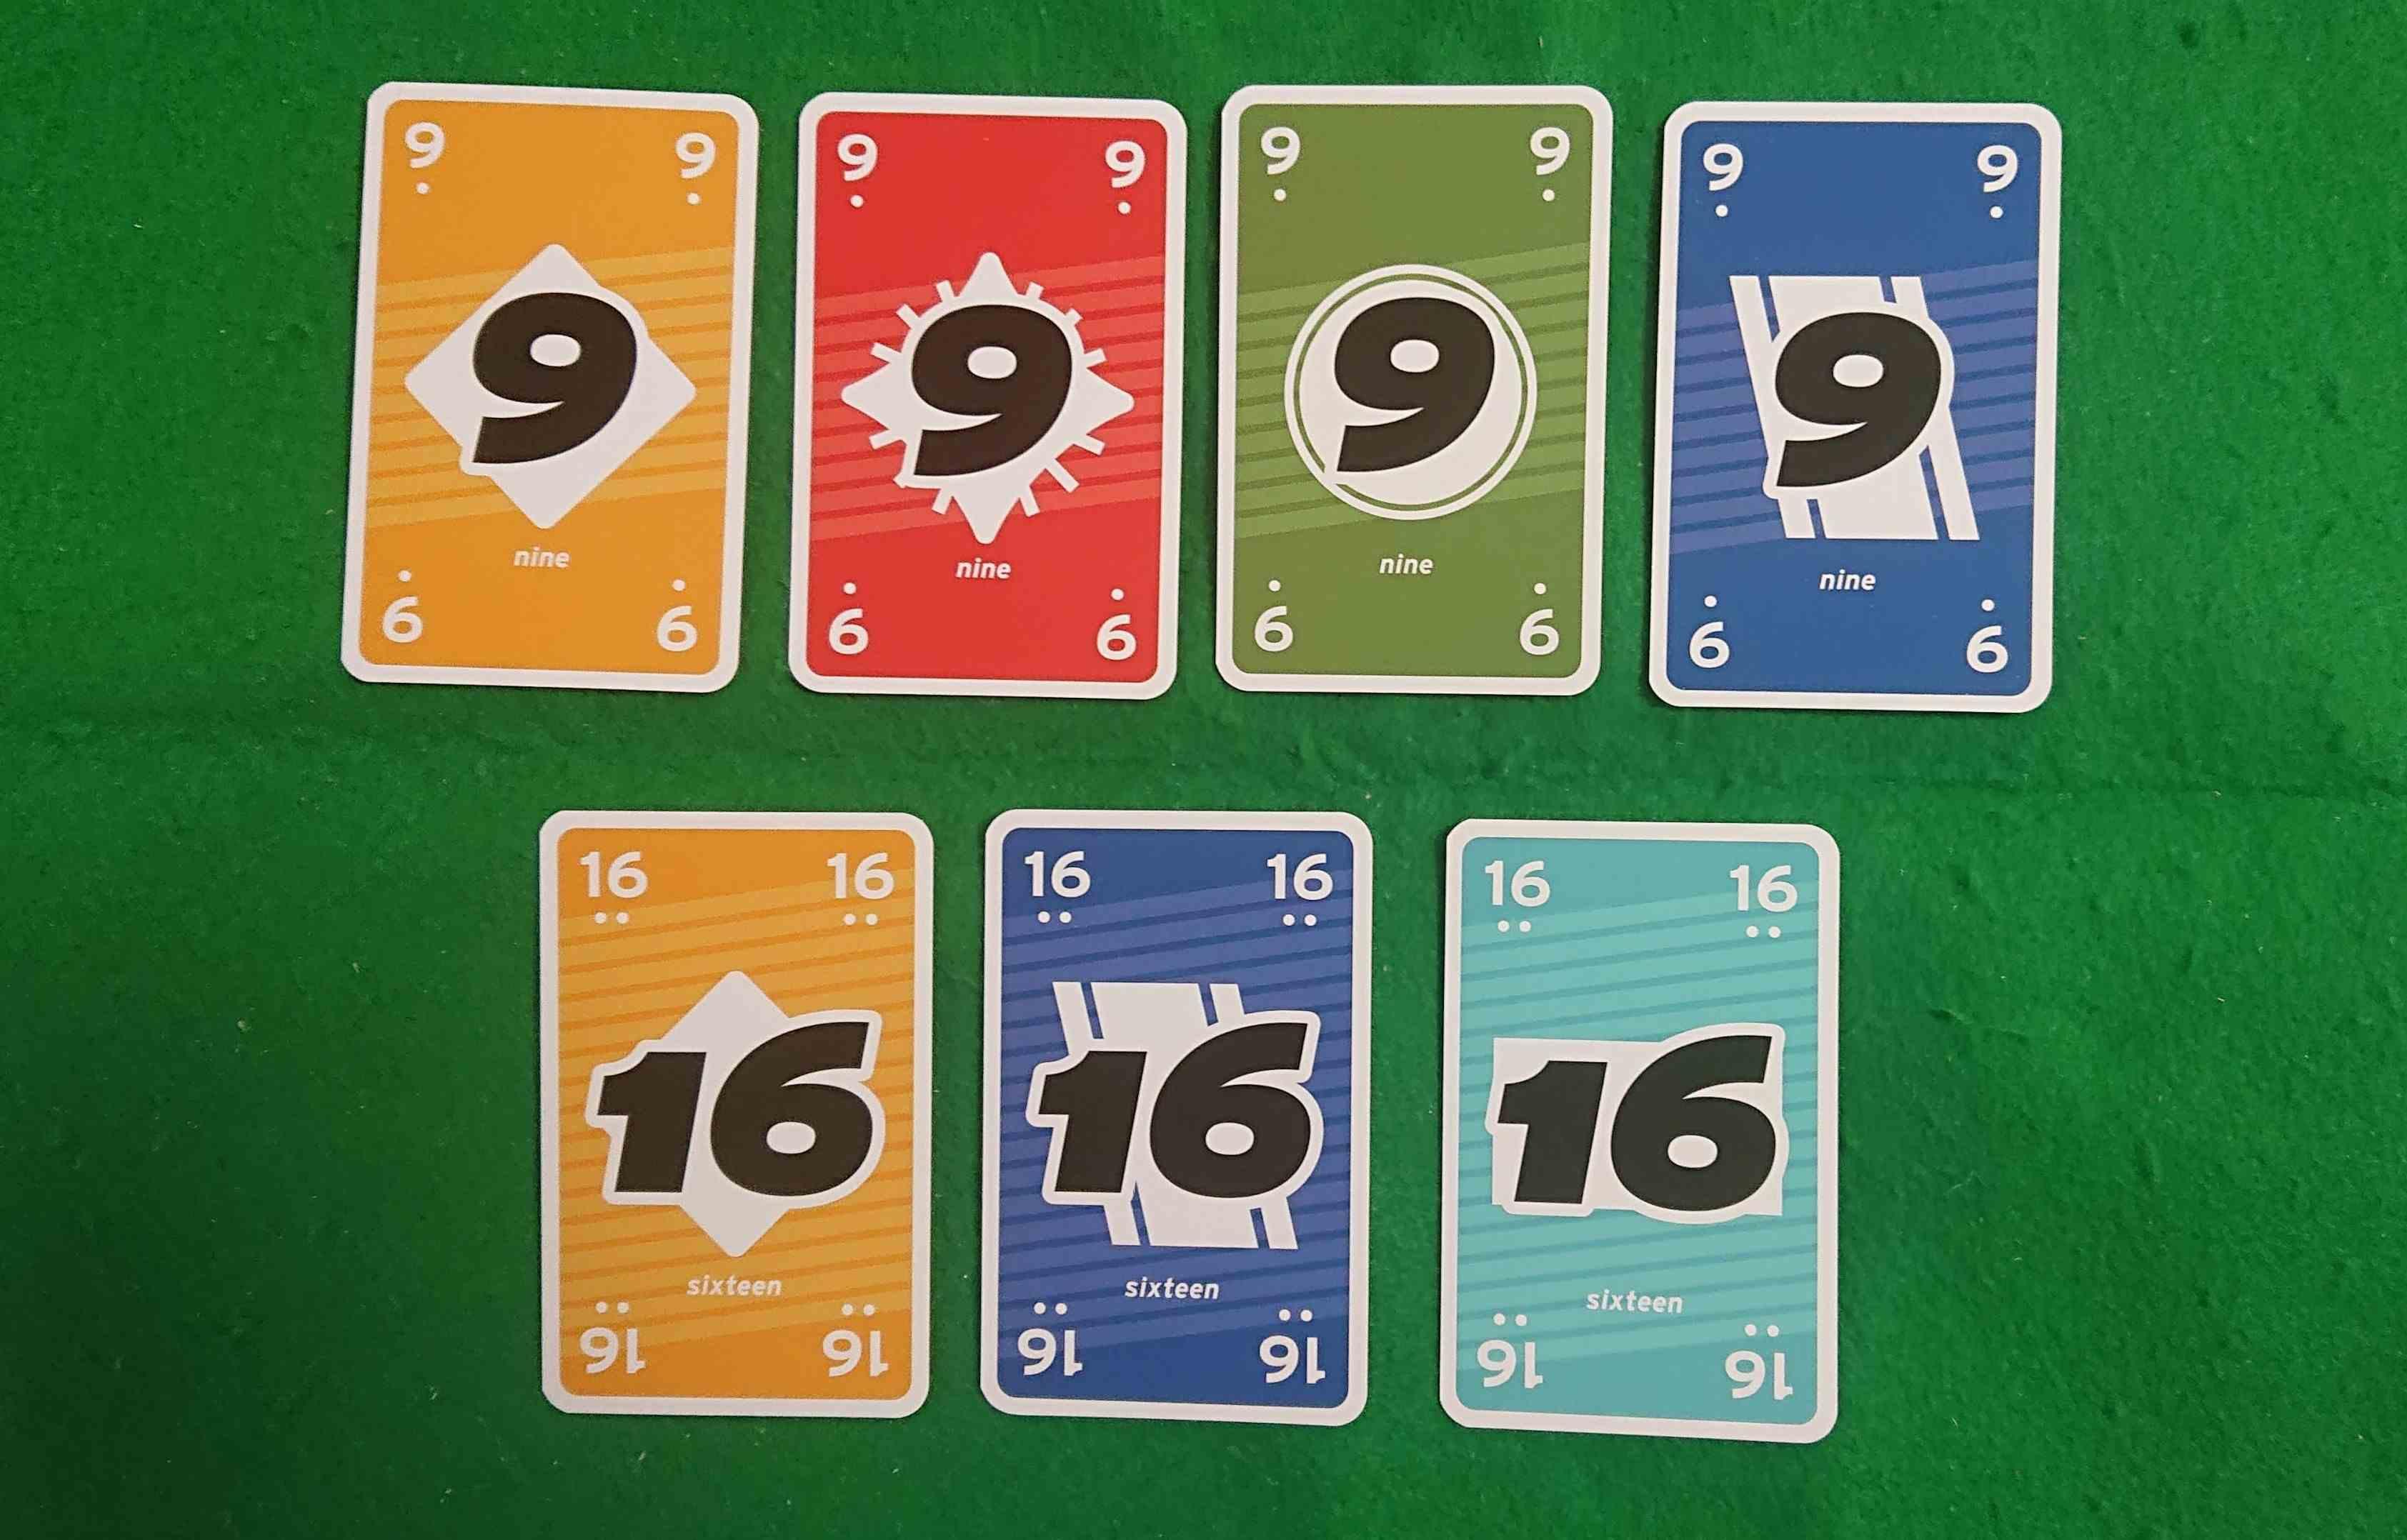 ラミー17 トランプのラミーをアレンジしたカードゲーム ボードゲーム